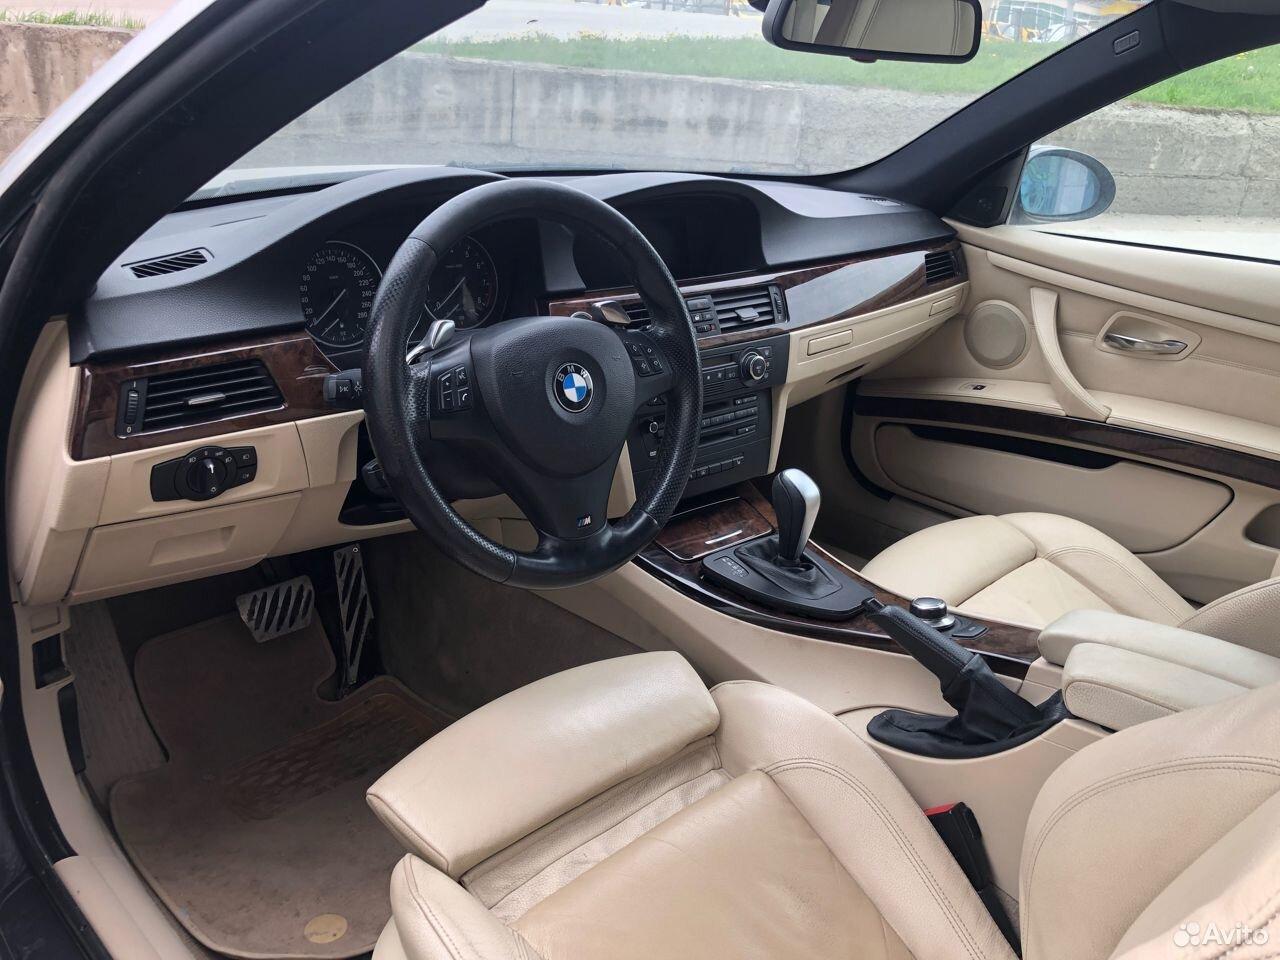 Спорт салон сиденья BMW E92 в сборе (бежевая кожа)  89638577308 купить 1